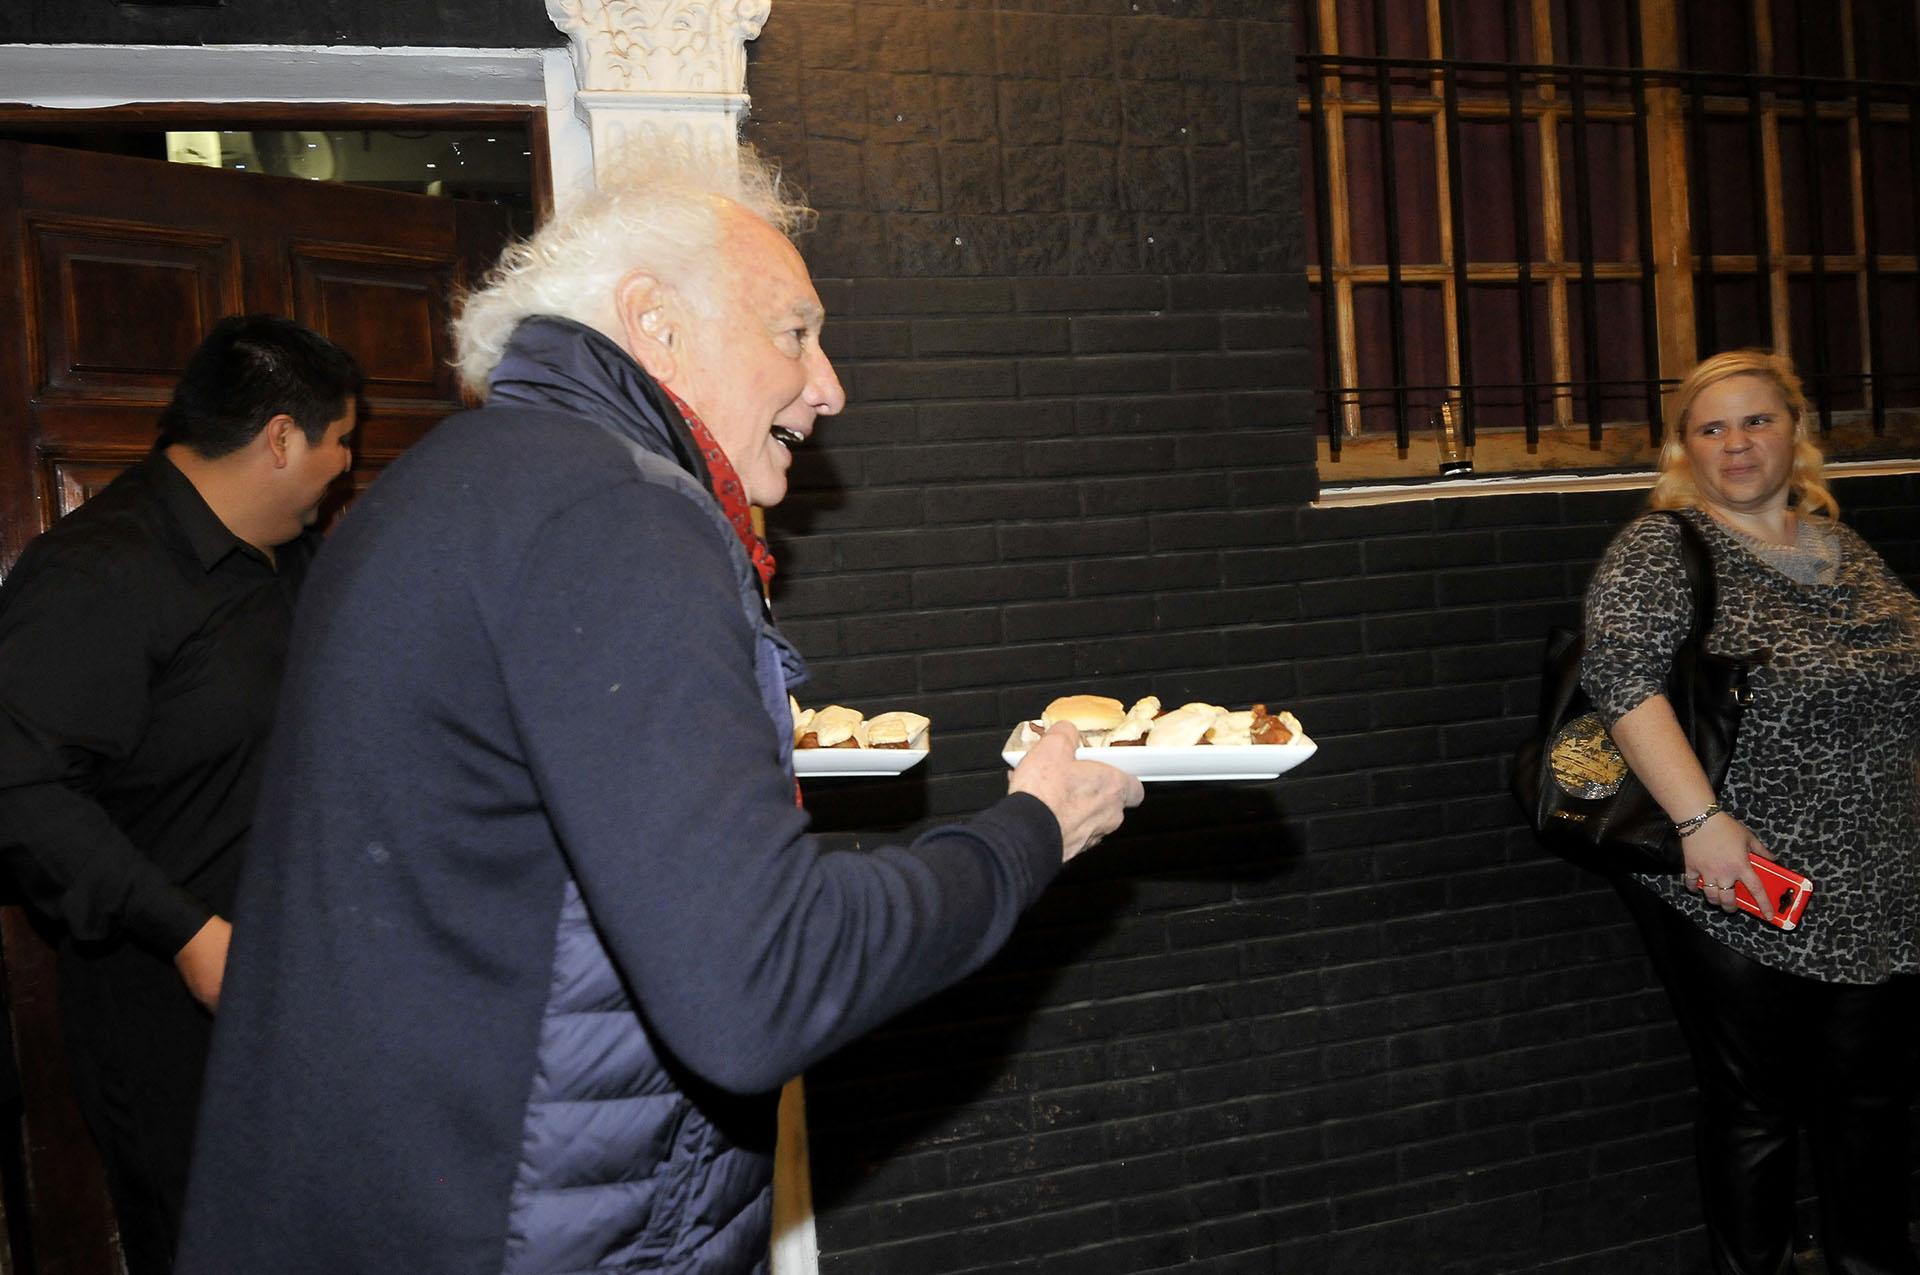 Guillermo Coppola llevando comida a los invitados